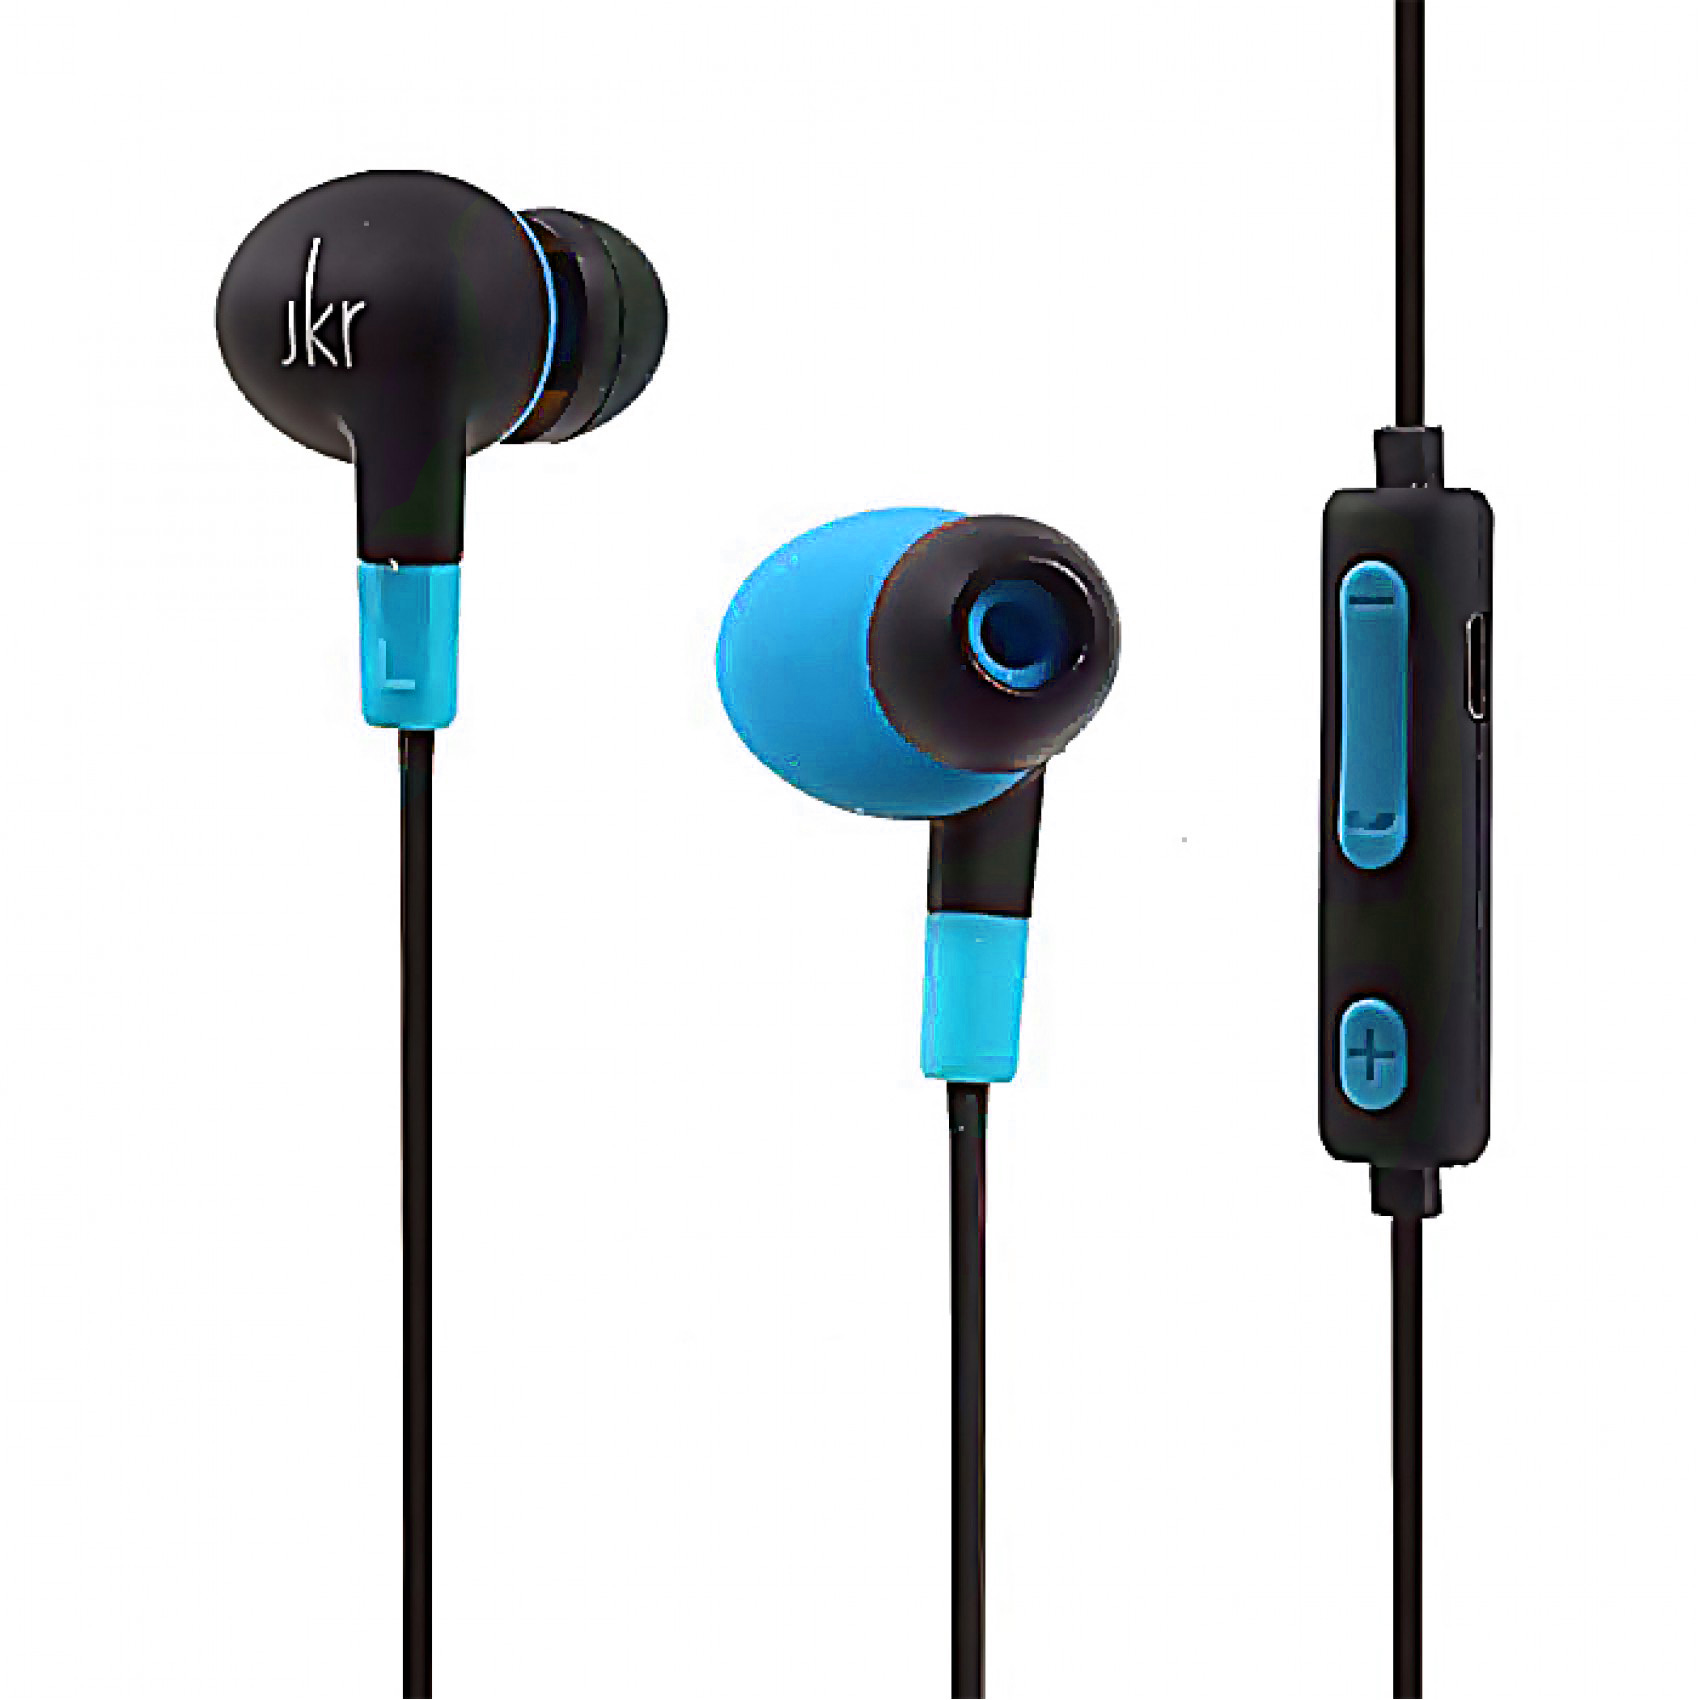 JKR-303A Wireless Bluetooth Sports In-ear Earphone - Blue